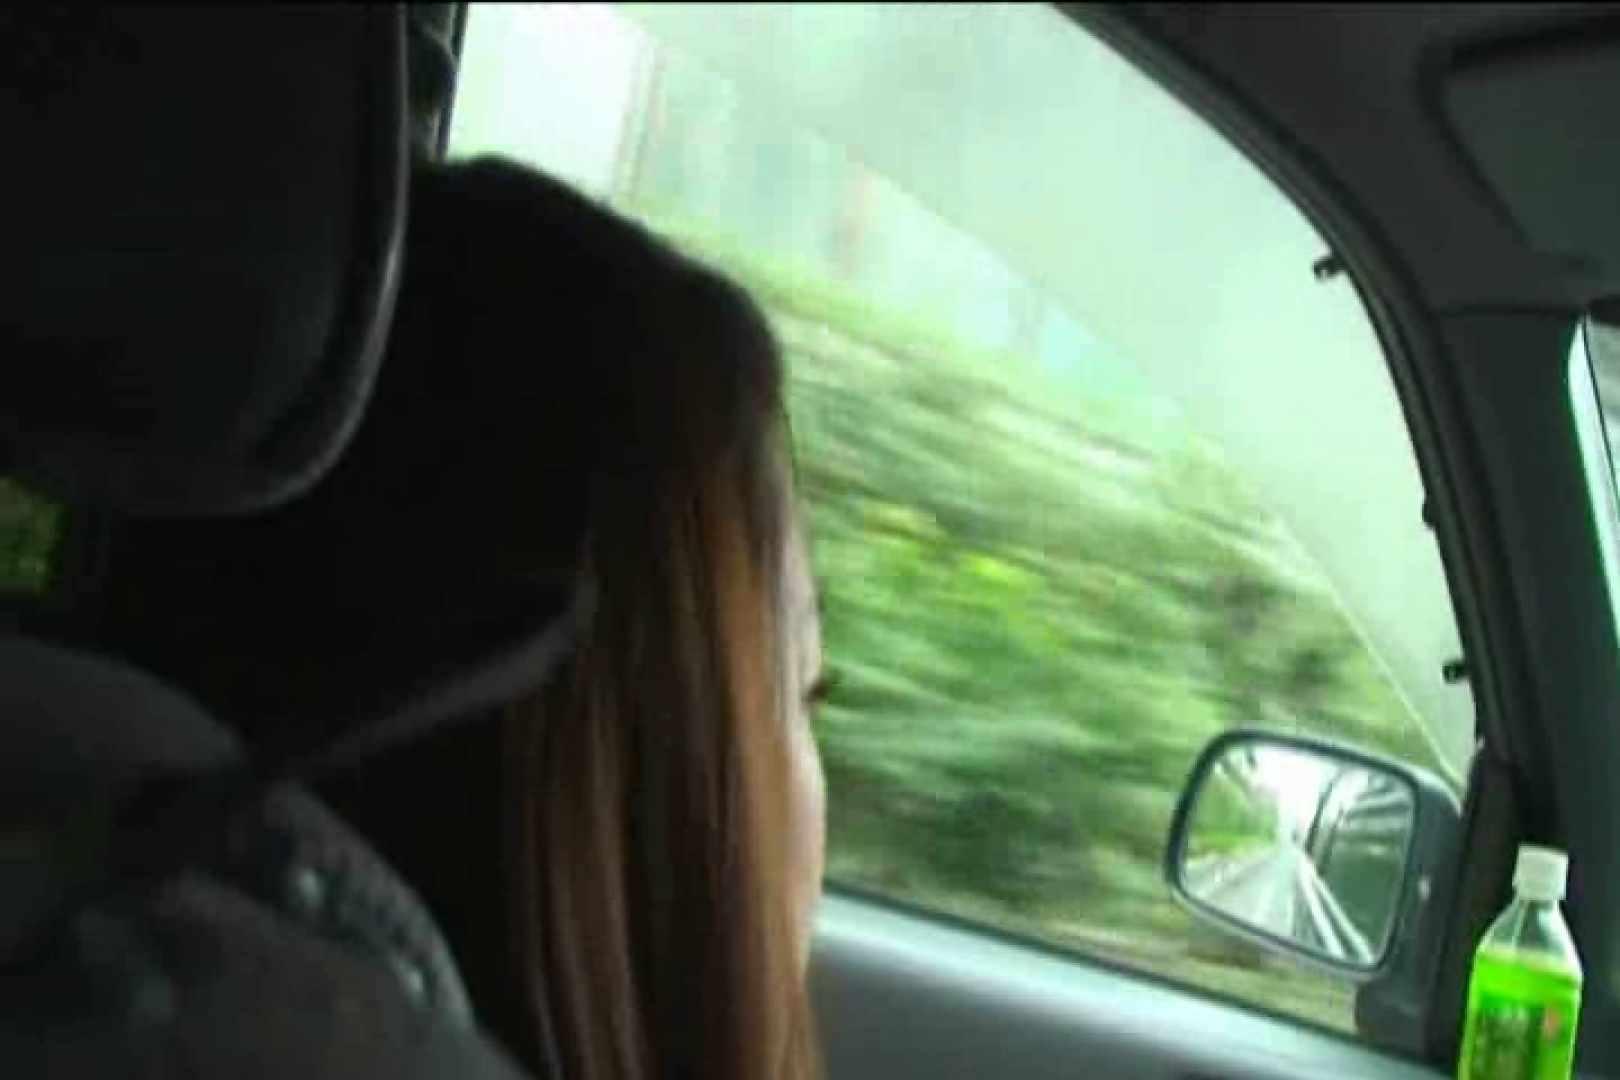 車内で初めまして! vol02 車 SEX無修正画像 95枚 19